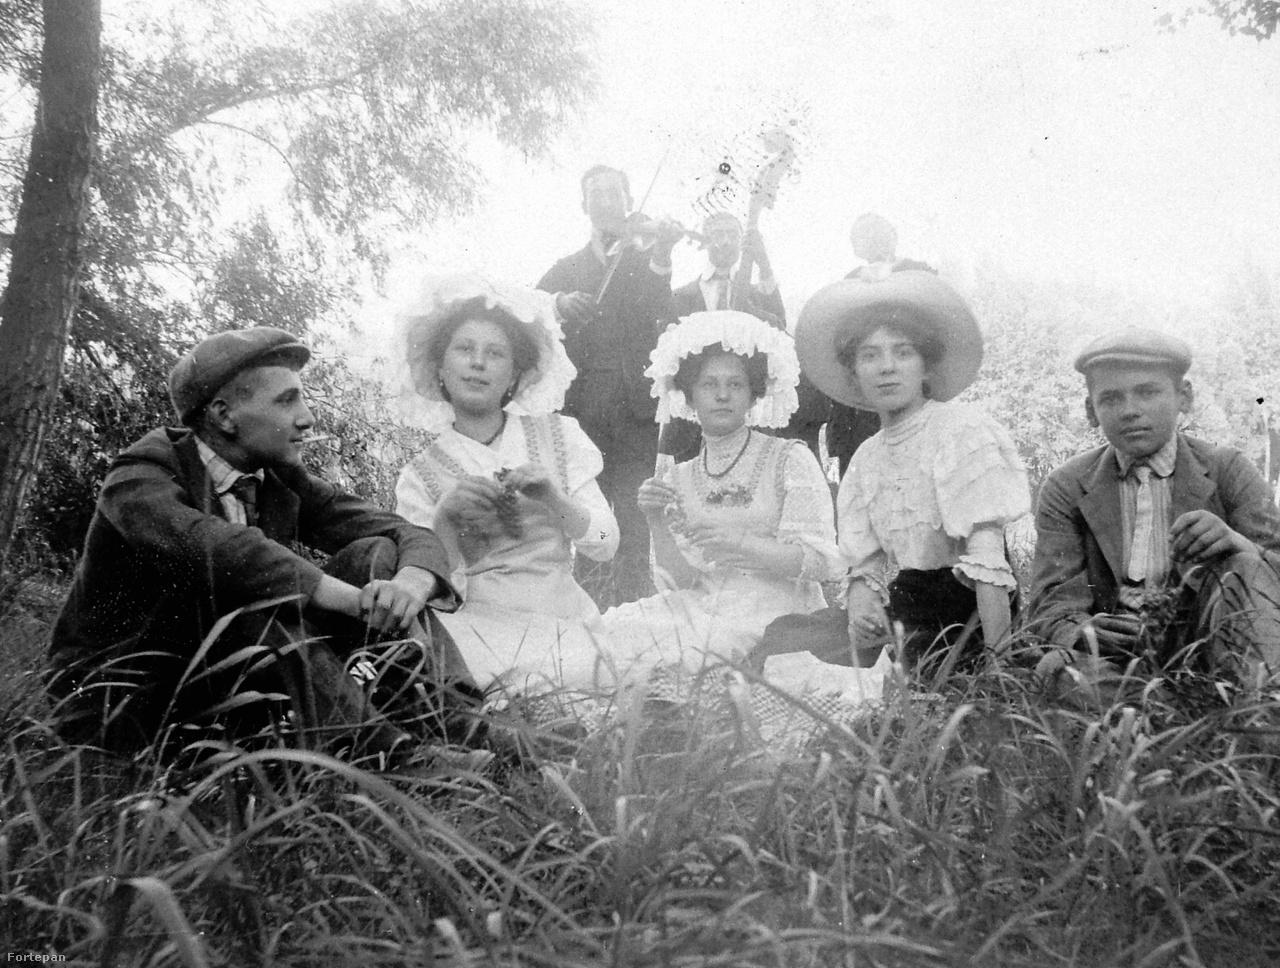 """Az illemtankönyvek ismerték és nők számára is engedélyezték a részvételt finomabb mulatságok élvezetében. A fűben heveredő kisasszonyok nem voltak veszélyben, néhány magyar nóta csak a lelkinyugalom viszonylag rövid megzavarására volt alkalmas. Ellenben a bálokon lejtett szupécsárdás maga volt a """"nyers és telhetetlen élvezetvágy"""", és """"érzékiség dolgában túltett mindenen"""".  A kortárs Herczeg Ferenc szerint """"egy-egy sokszor megújrázott szupécsárdás magában foglalta egy szerelmi regény minden fejezetét. Mikor végül a táncos visszahozta anyjának a halálra fáradt és kiégett leányzót, az ember szinte várta, hogy a gardedám azt mondja neki: most már megtarthatja magának!"""""""